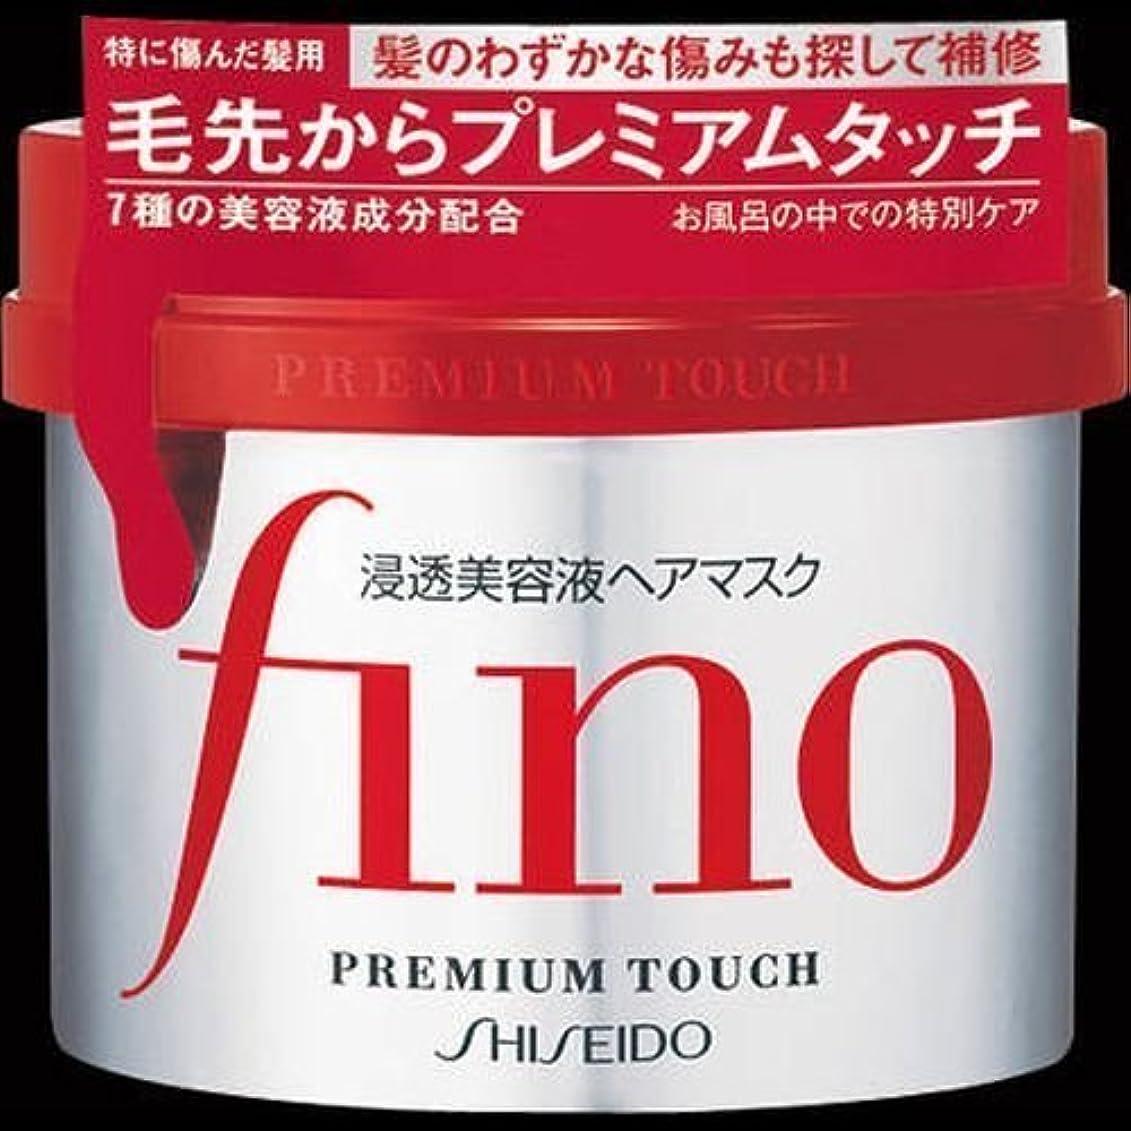 デコラティブ以来合体【まとめ買い】フィーノ プレミアムタッチ 浸透美容液 ヘアマスク 230g ×2セット